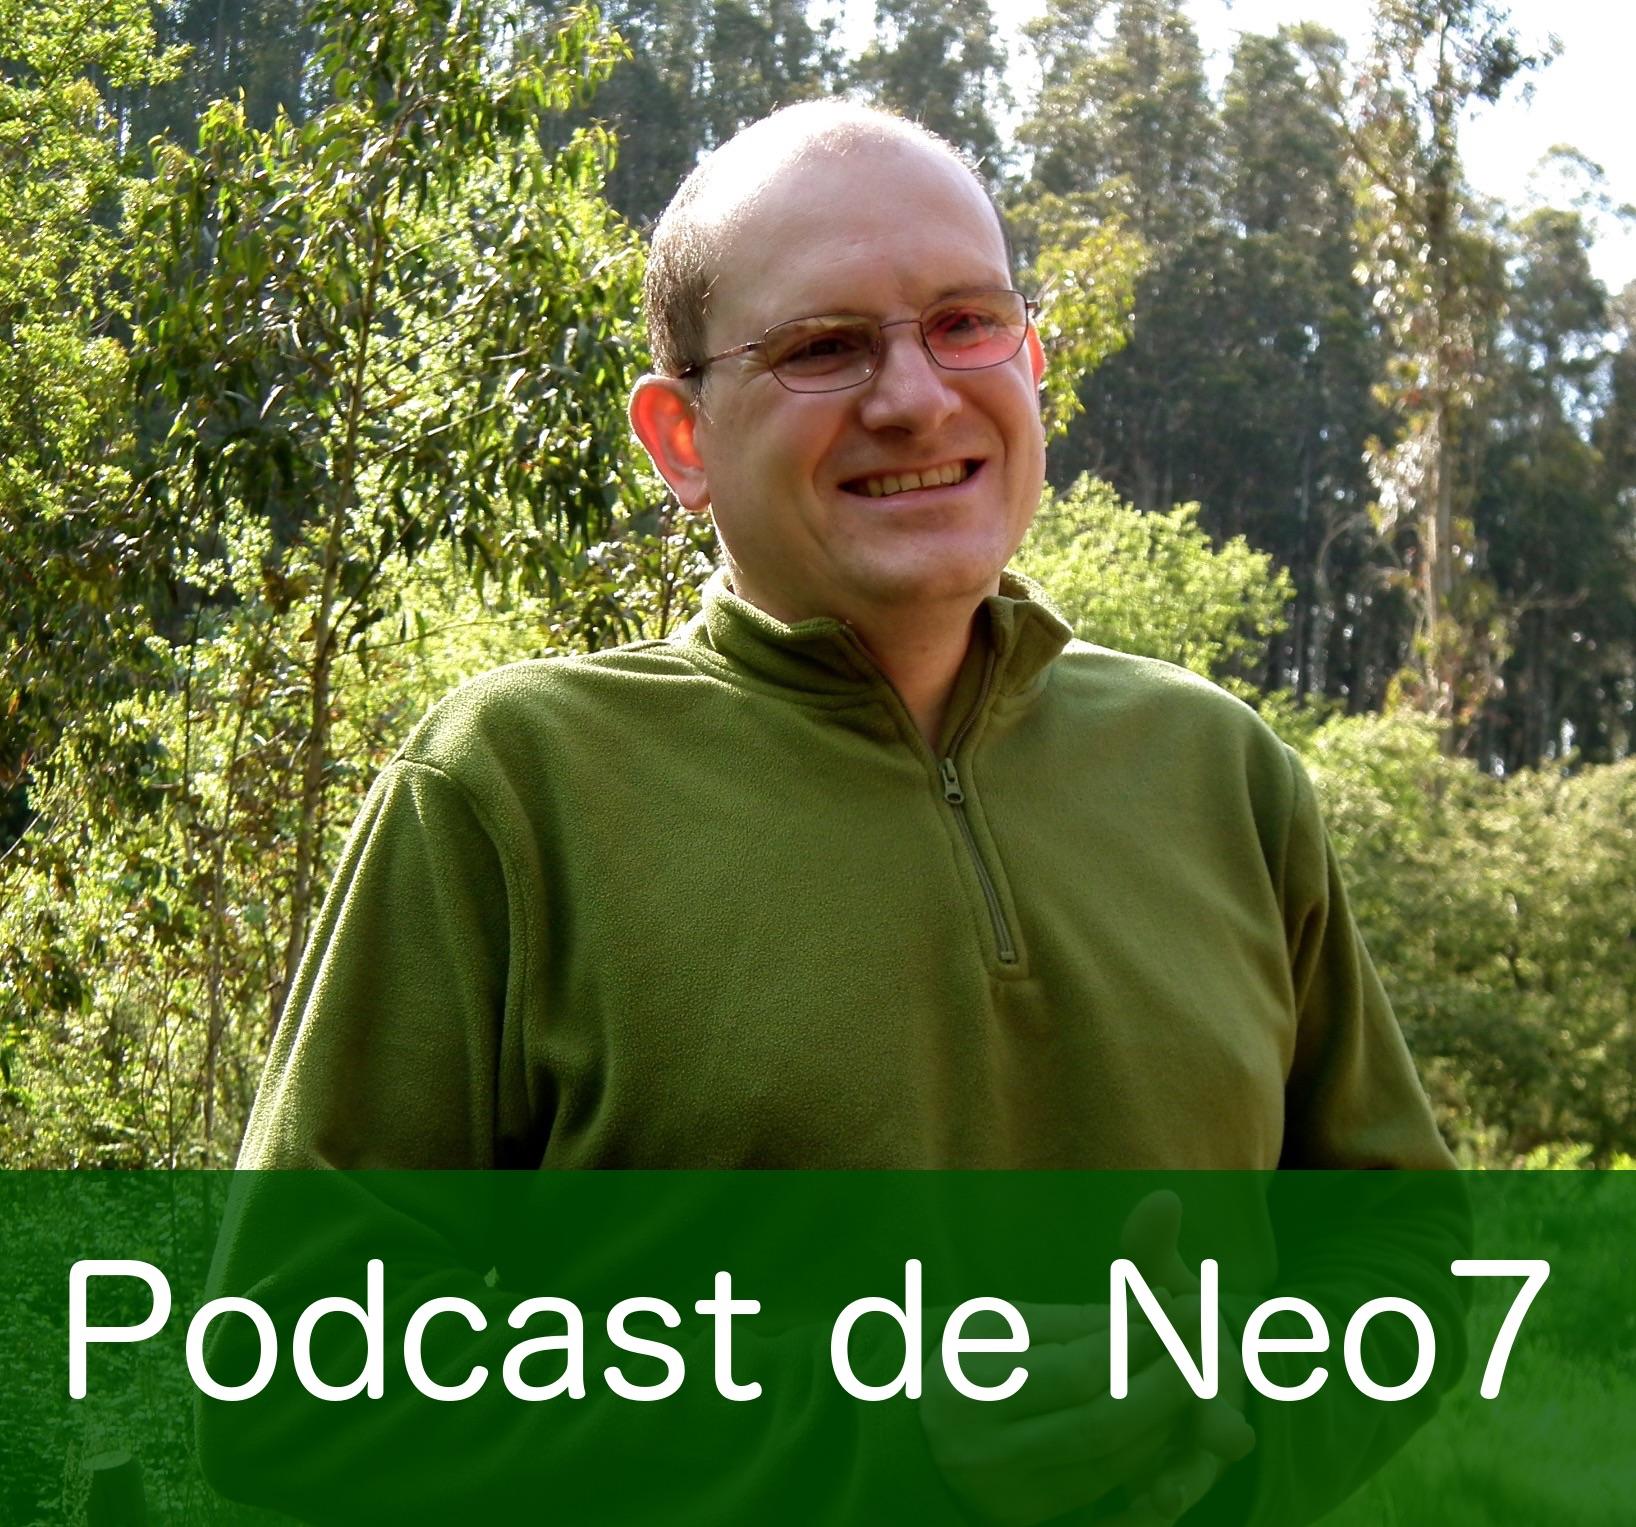 <![CDATA[Podcast de Neo7]]>